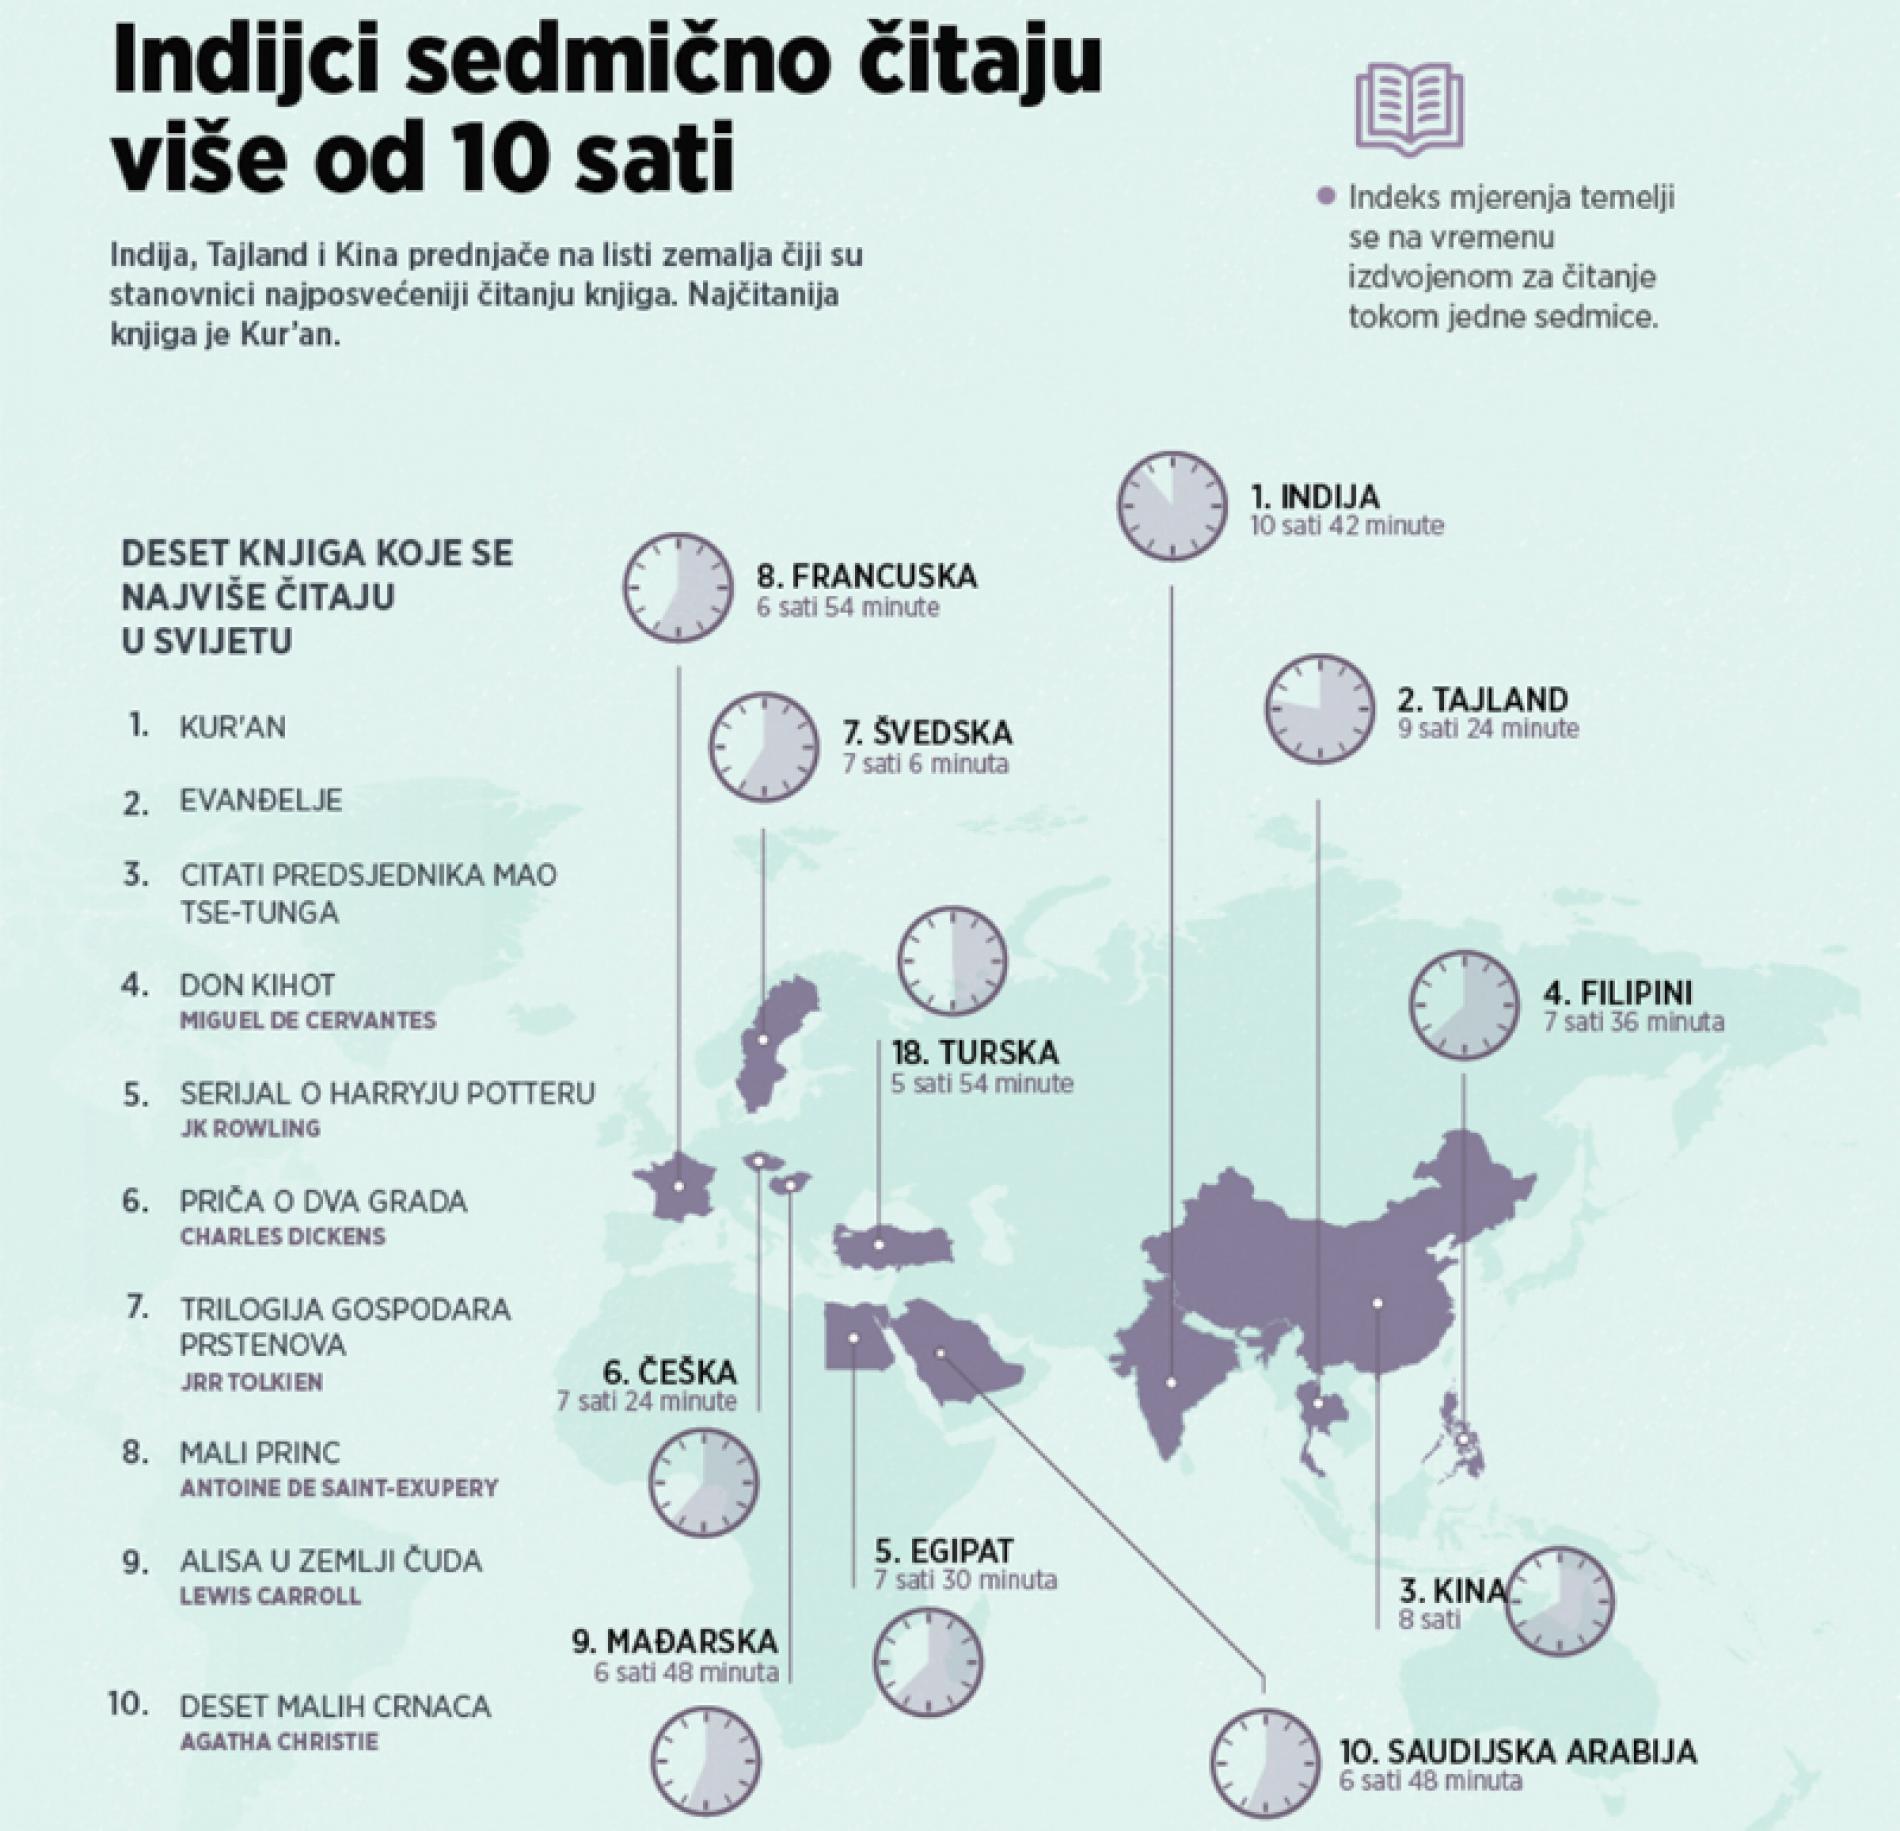 Indijci sedmično čitaju više od 10 sati, u Evropi knjigu najviše vole Česi